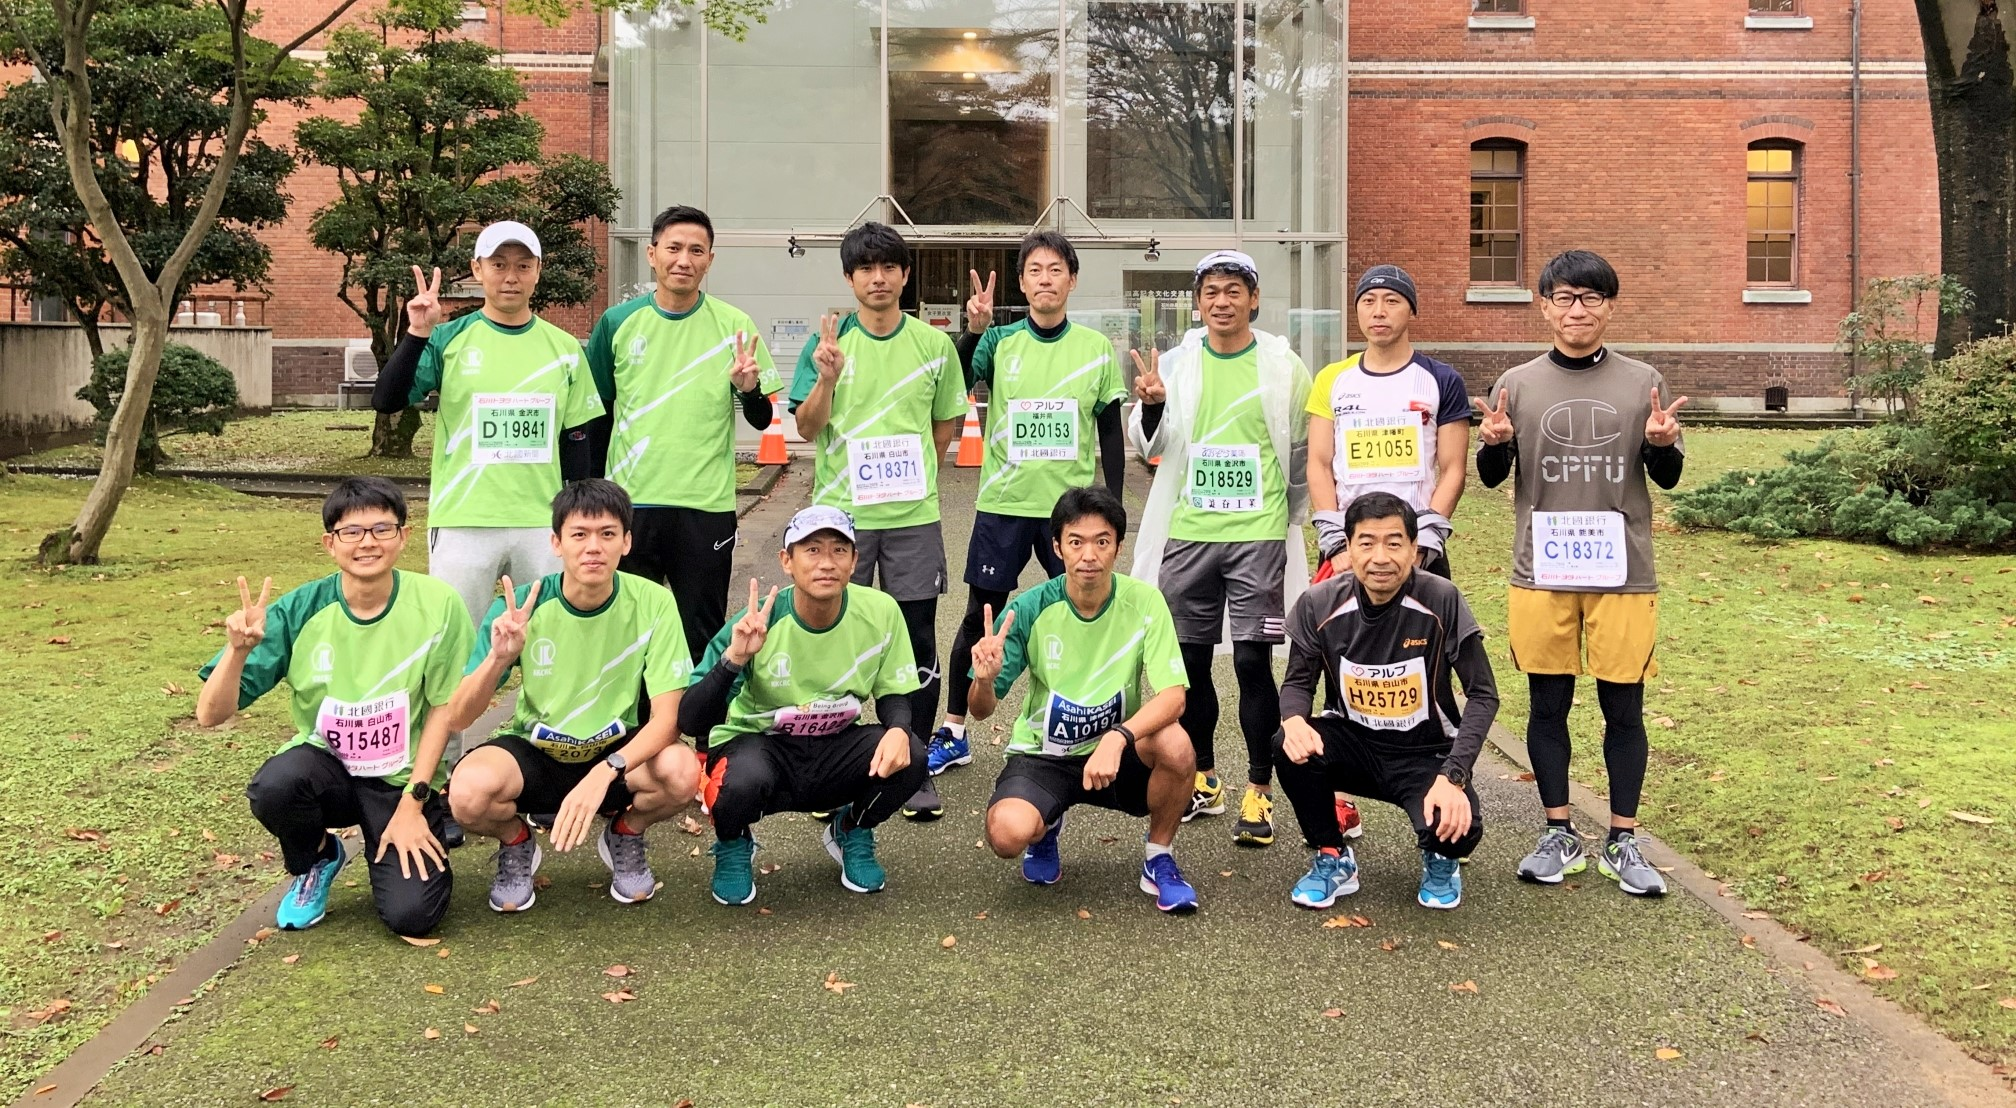 【報告】 金沢マラソン2019、富山マラソン2019